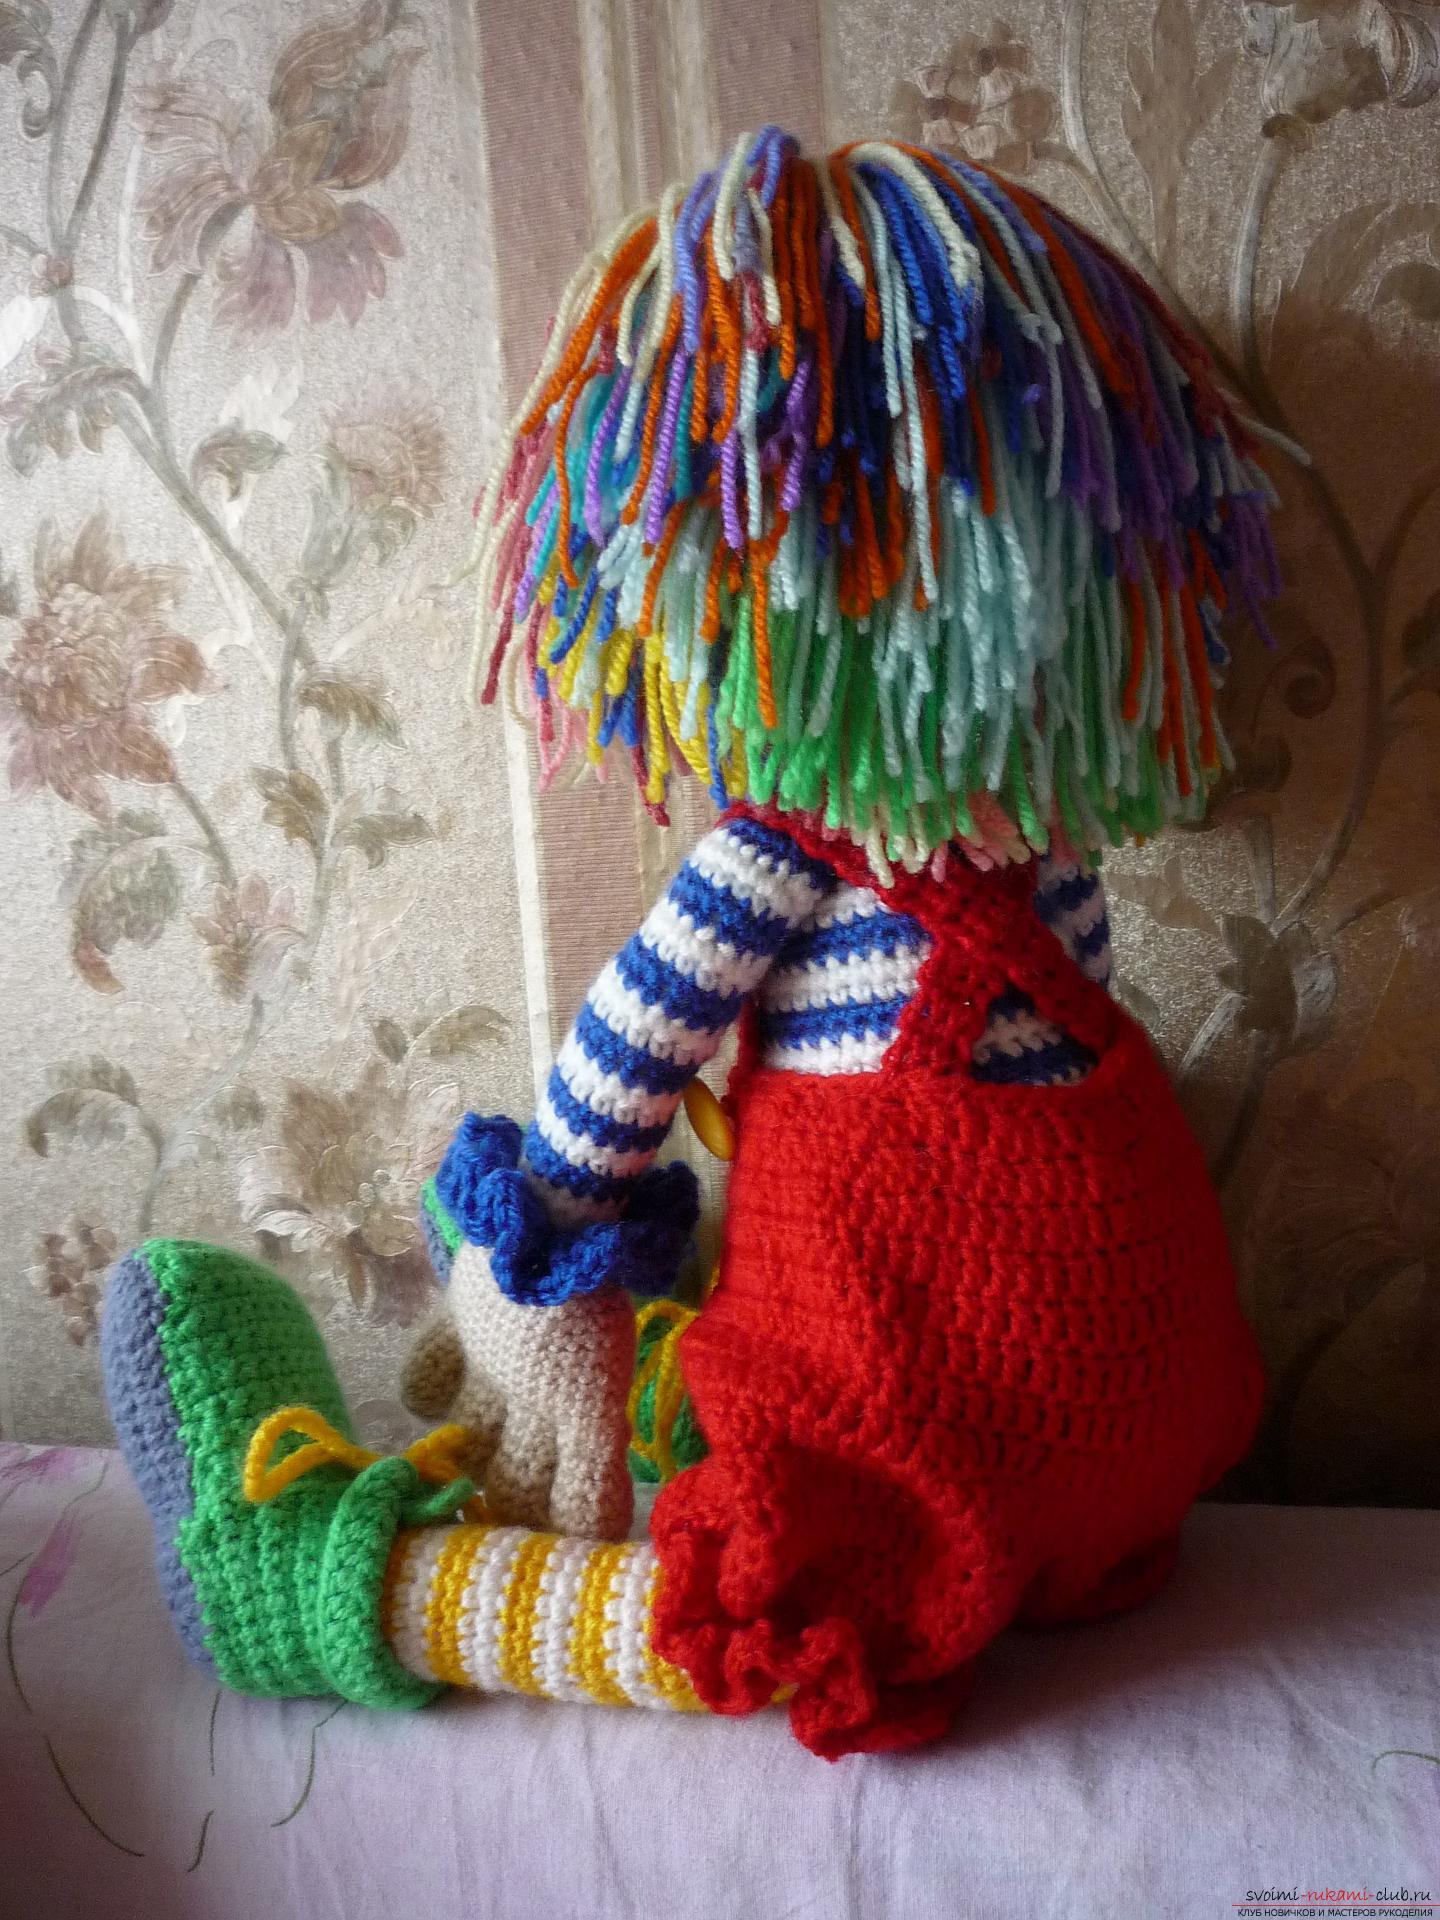 Докладні фотографії іграшки клоуна, пов'язаного гачком з різнобарвною пряжі. фото №3